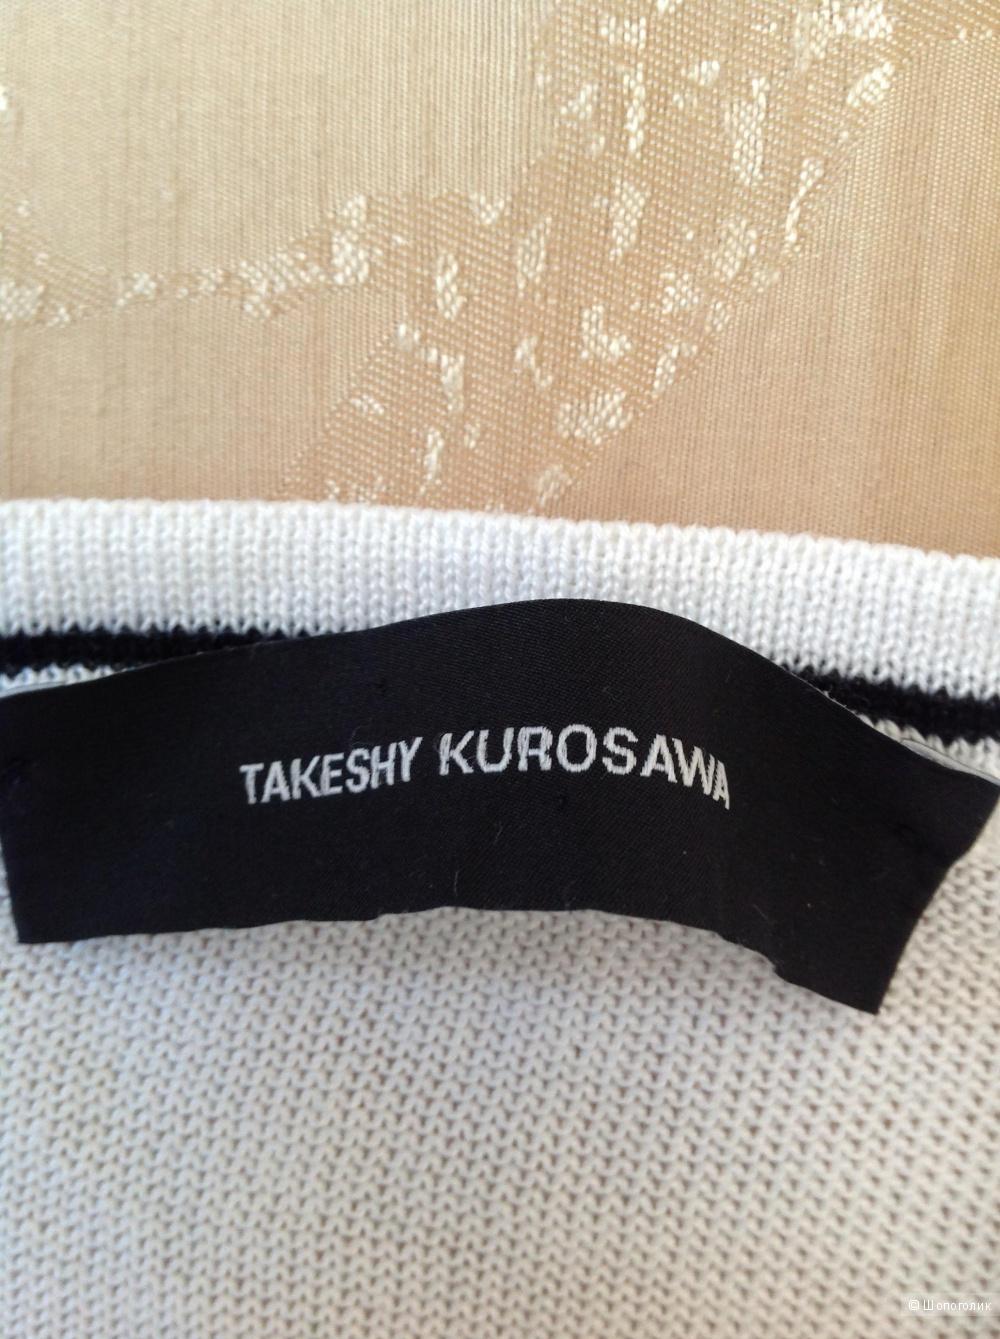 Джемпер Takeshy Kurosawa, M, L